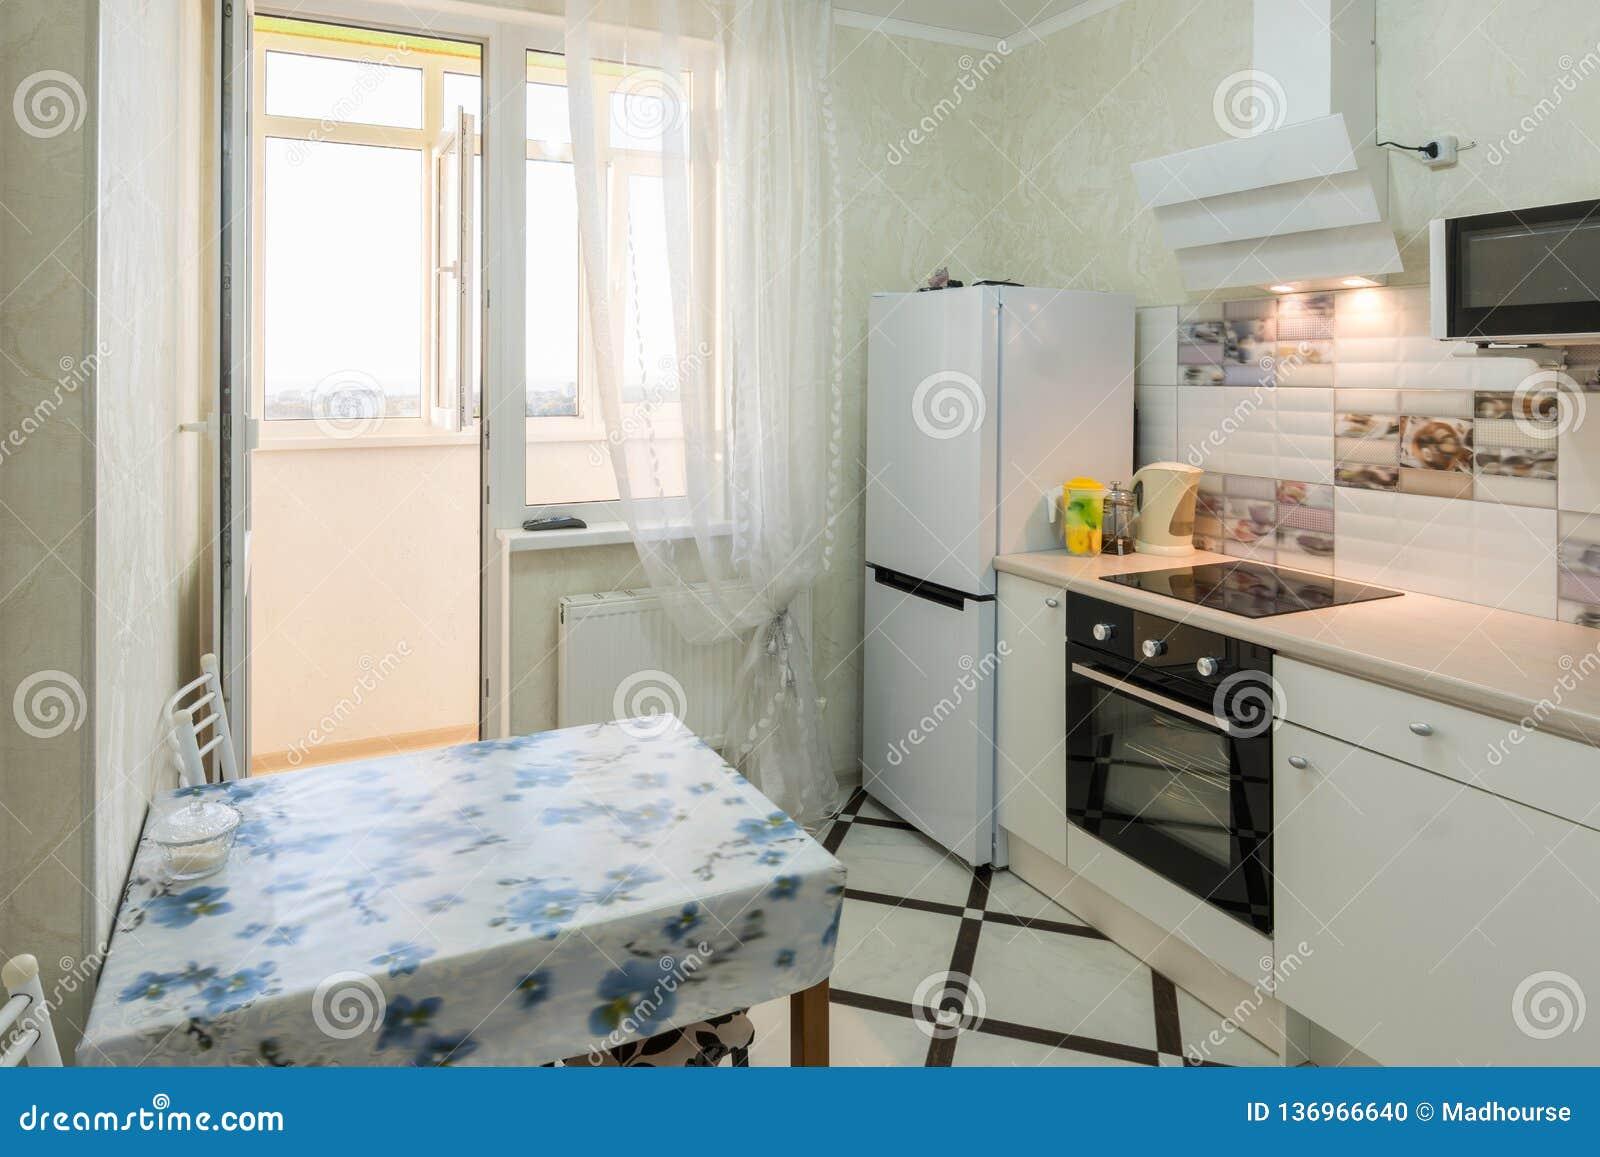 L Interieur D Une Petite Cuisine Avec Un Balcon Photo Stock